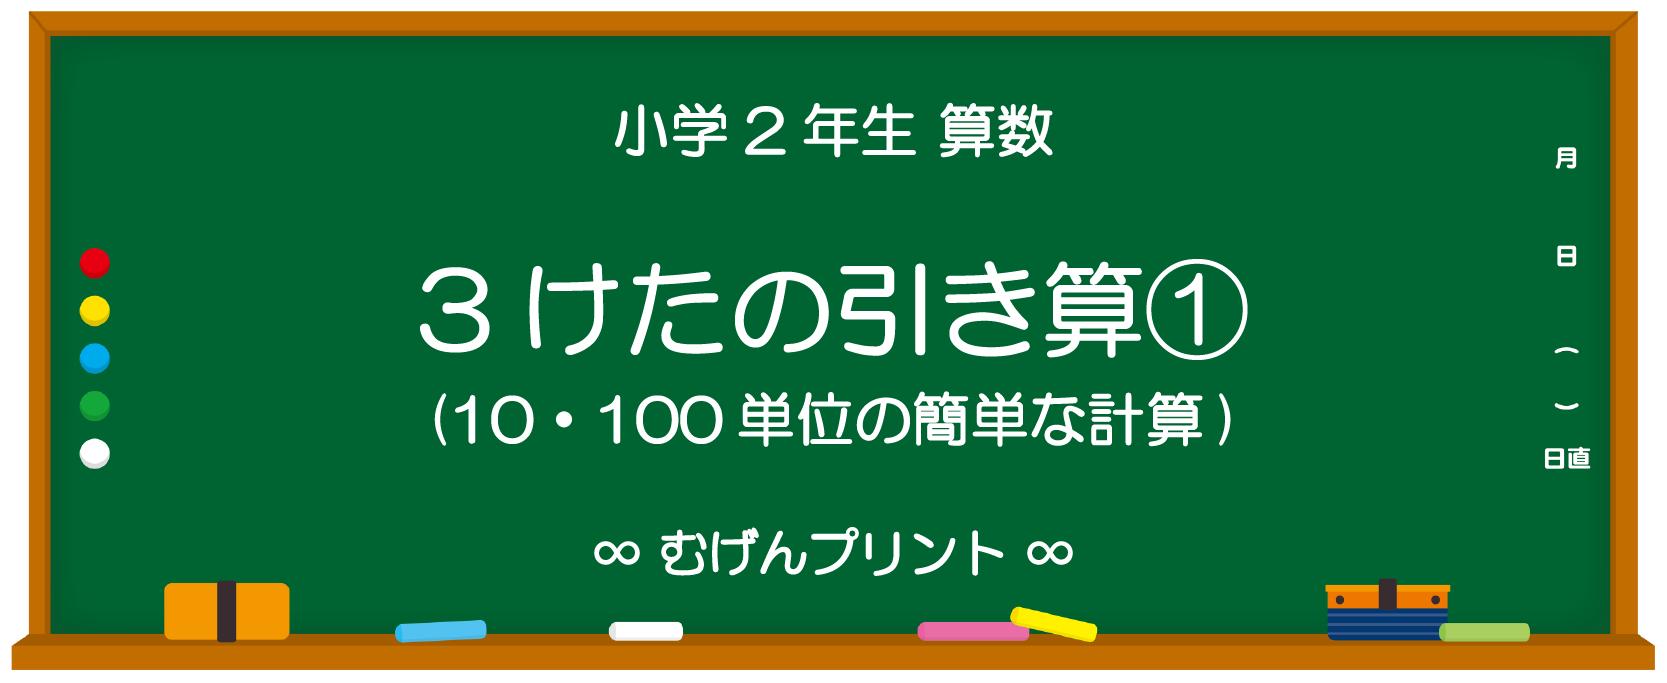 【小2 算数 無料プリント/ミニテスト/ドリル】3けたの引き算①(10・100単位の簡単な計算)